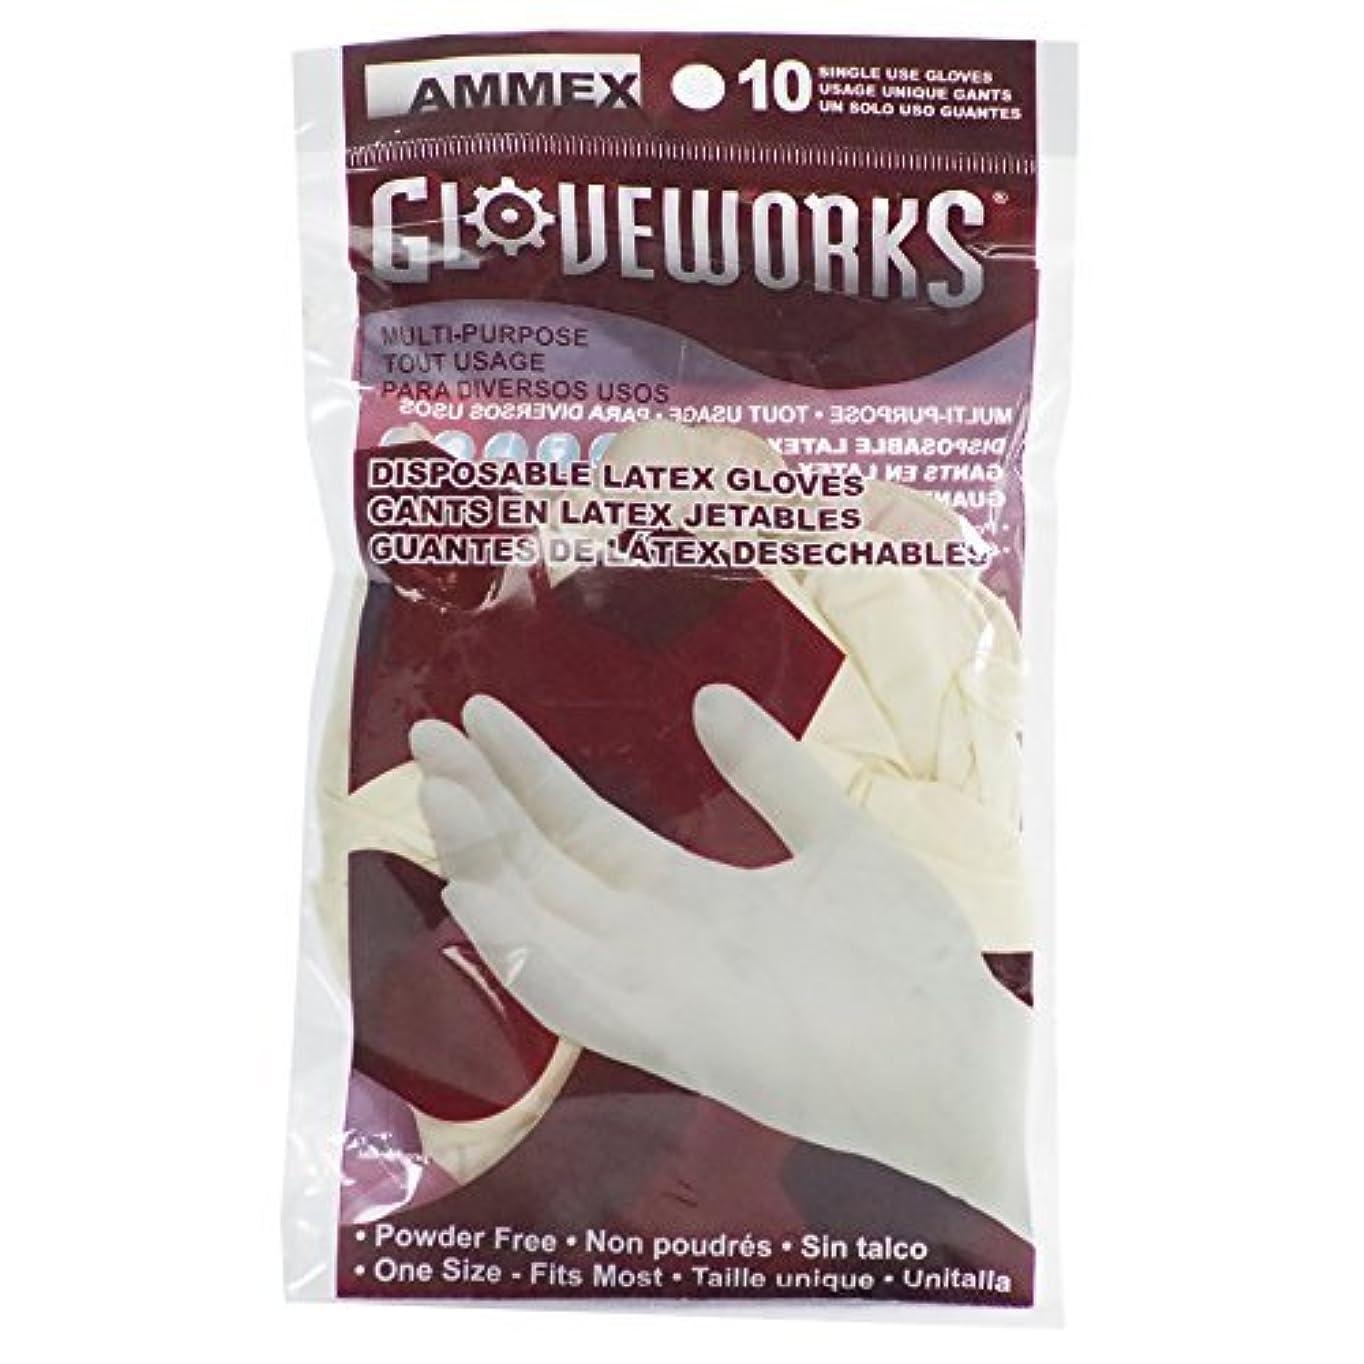 アンカー維持欠陥AMMEX - GWL10PK - Latex Gloves - Gloveworks - 10/pack Disposable Powder Free 4 mil Uni-size White (Case of 250...